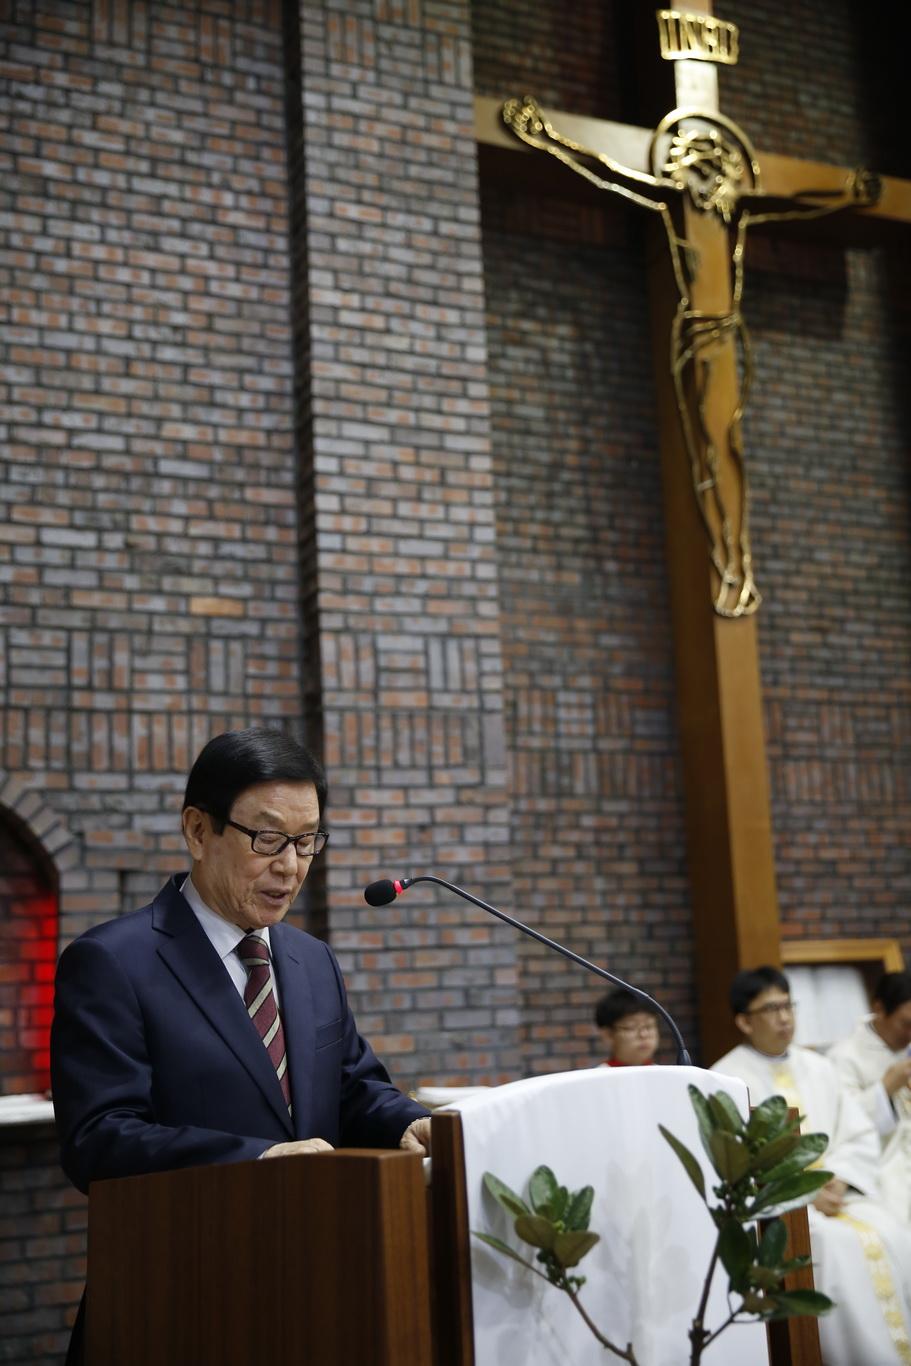 2019-12-24 성탄 성야 (117)_크기변경.JPG